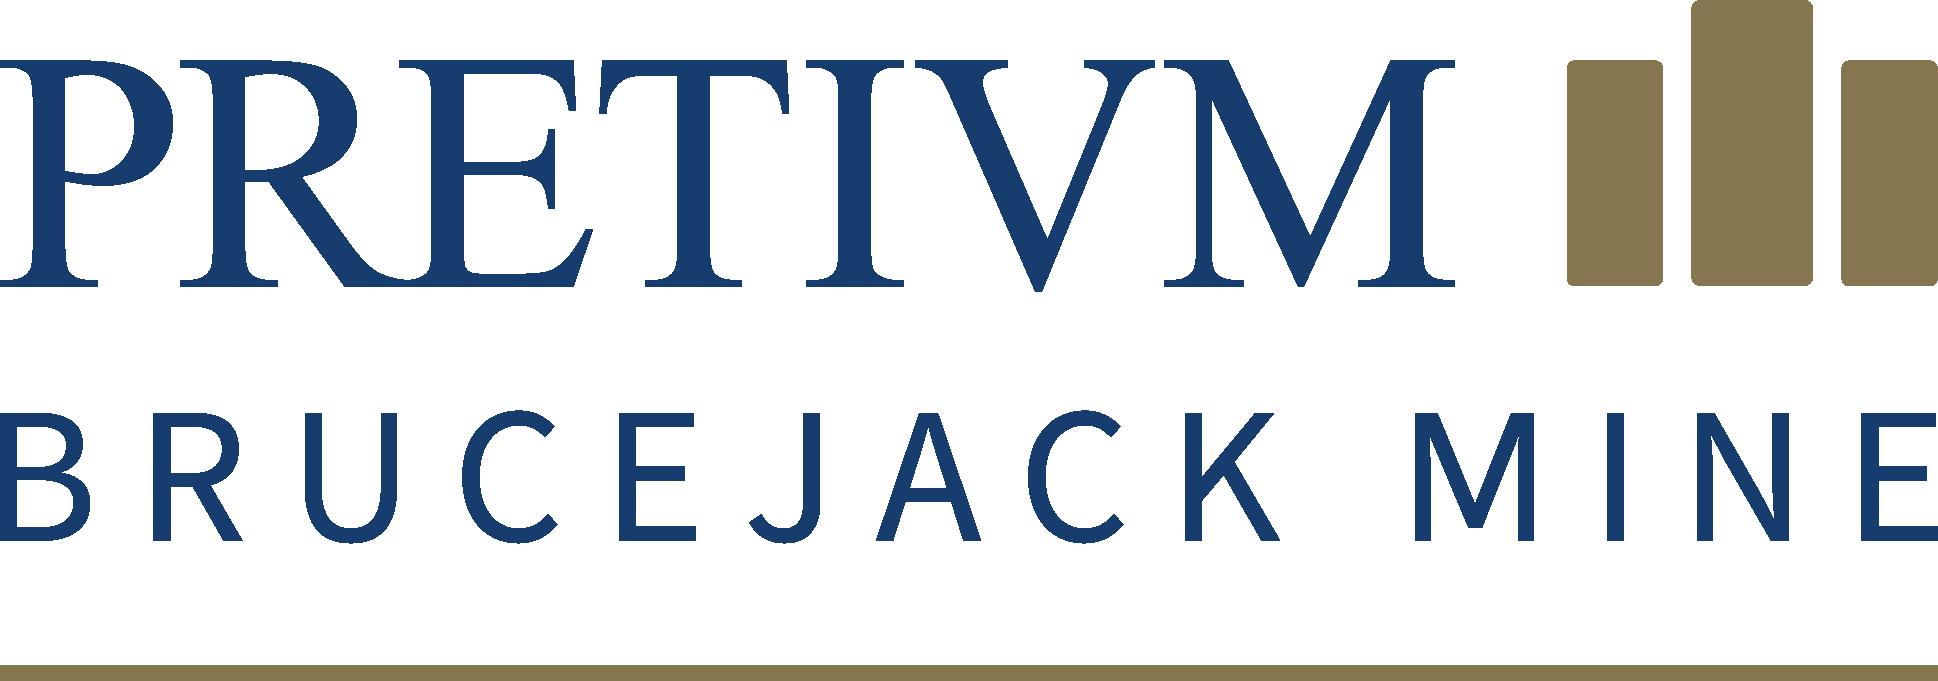 pretiumBRUCEJACK_logo_2019.png